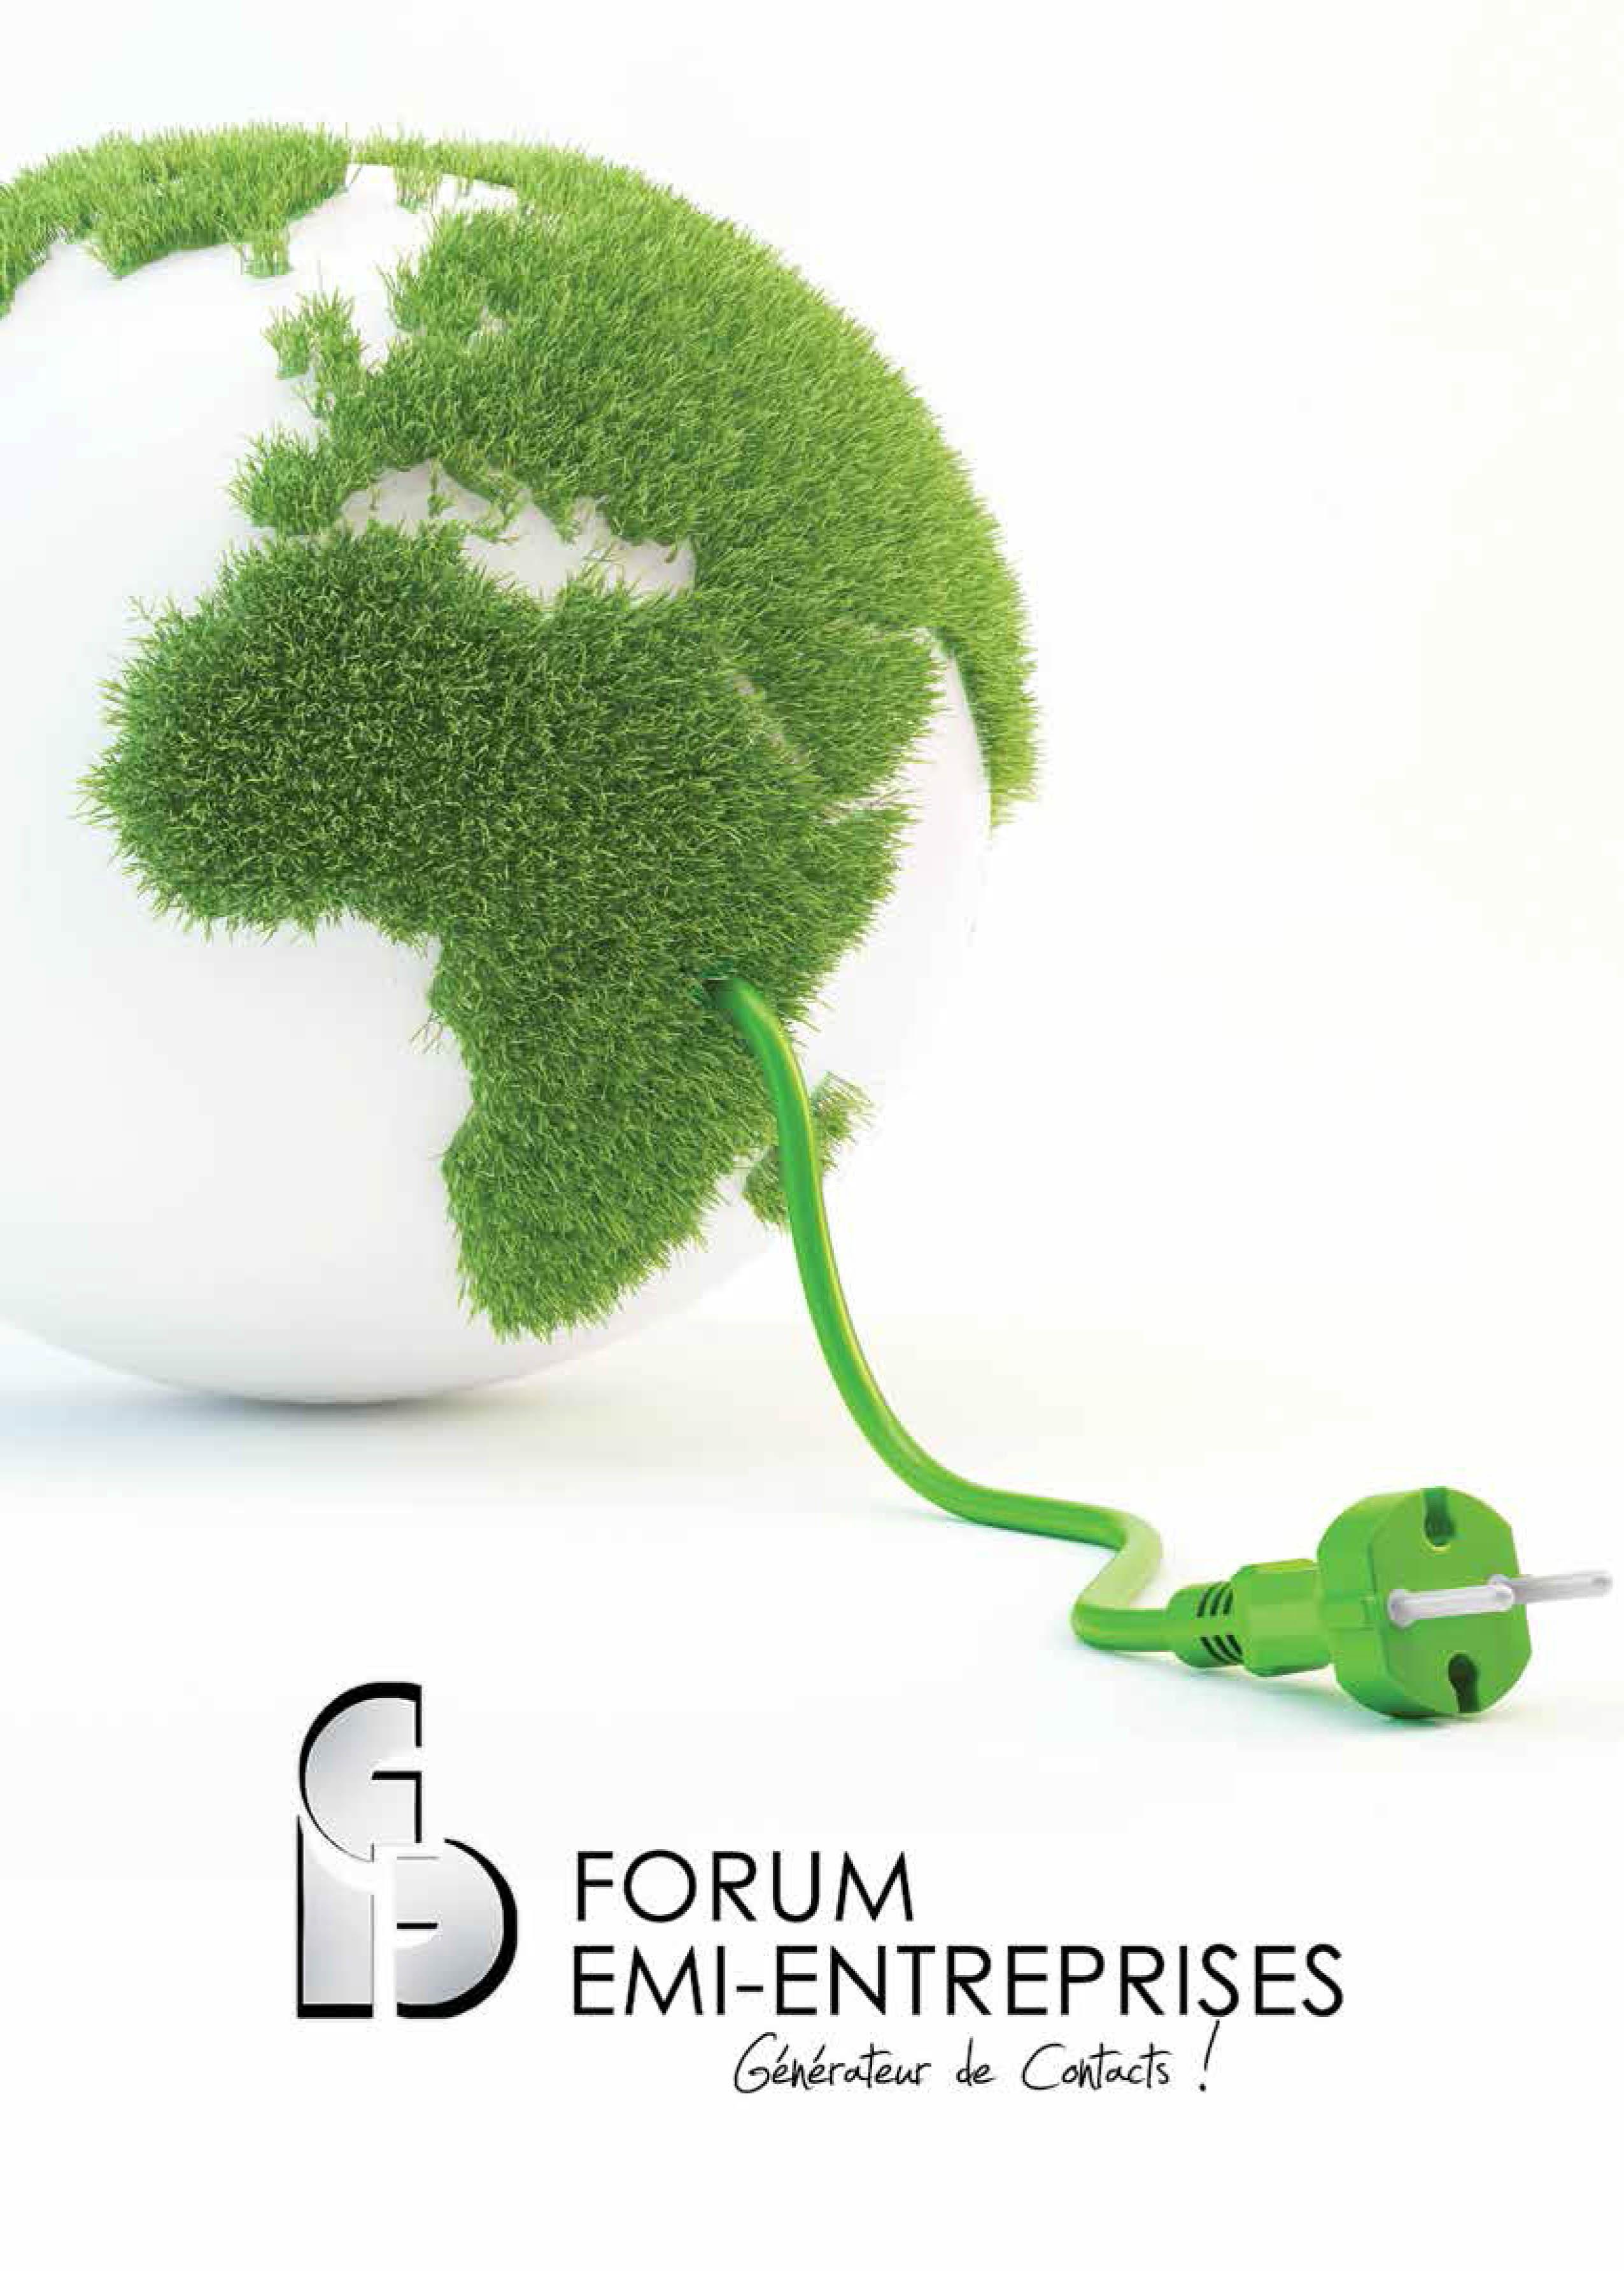 Forum EMI-Entreprises